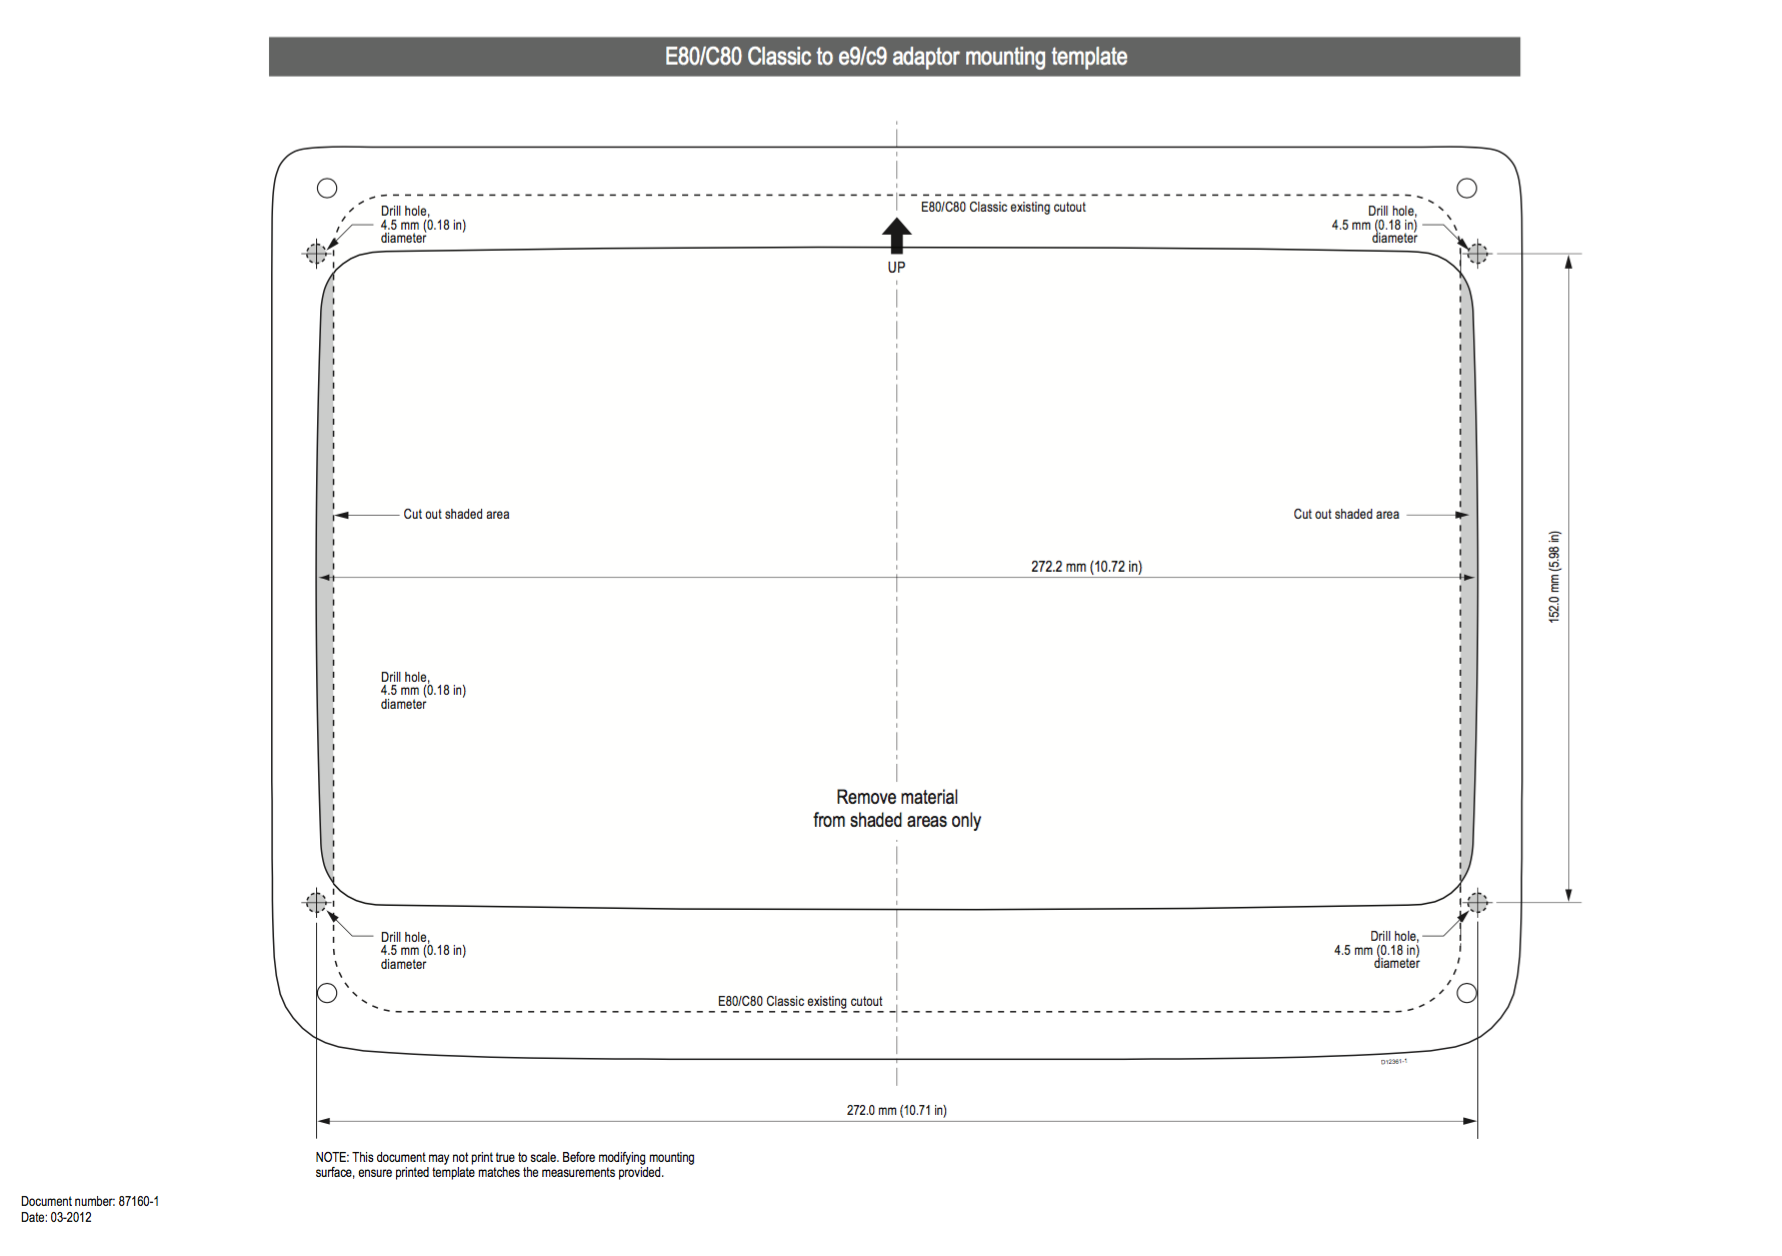 Garmin 740s Wiring Diagram Free Download Nema 2000 Raymarine C80 U2022 Gpsmap 740 At